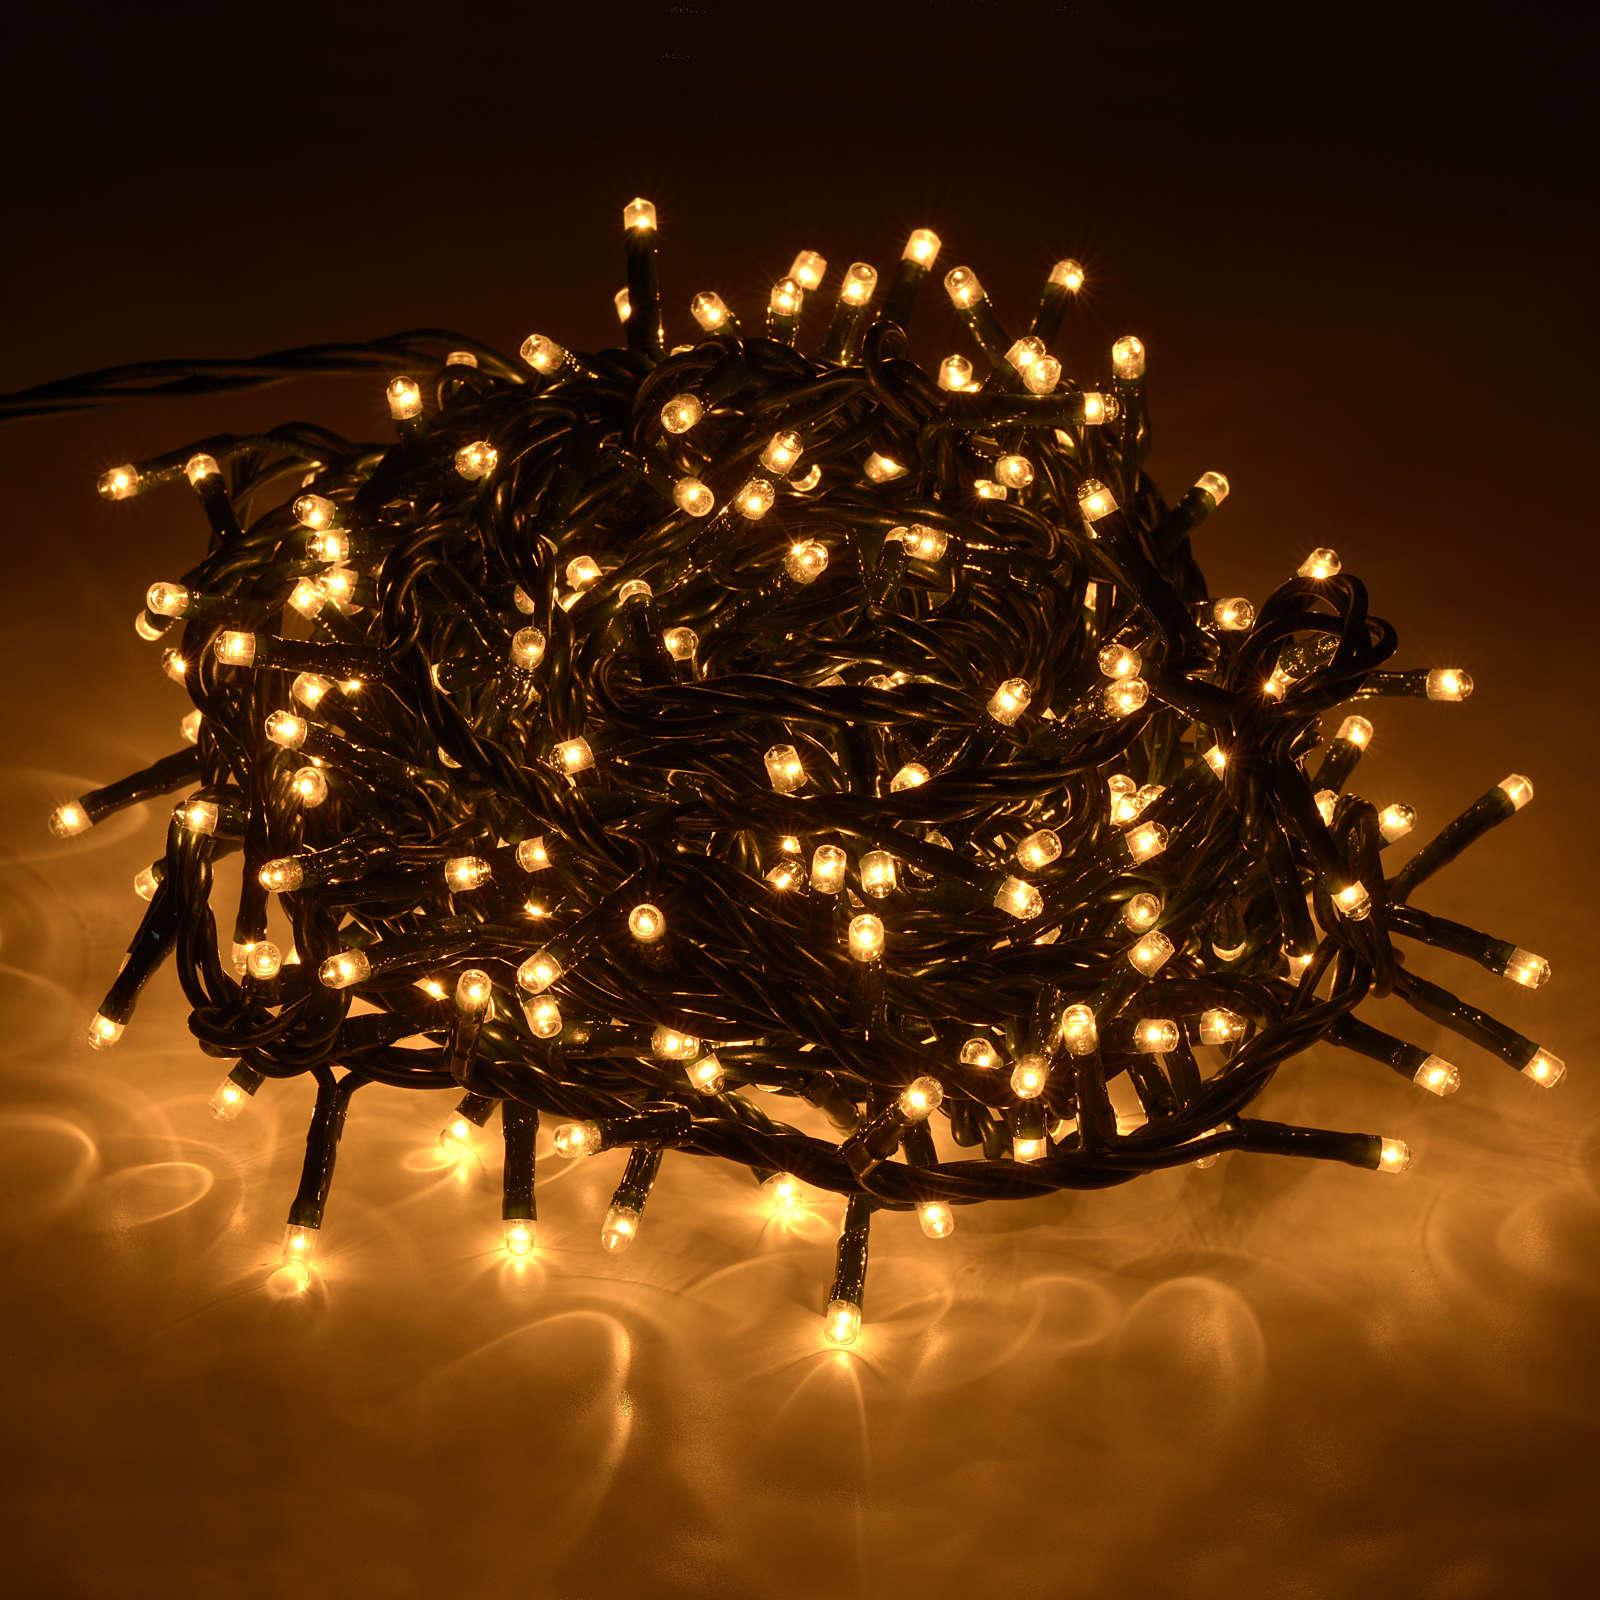 Weihnachtslichter 300 Minilichter für innen 3